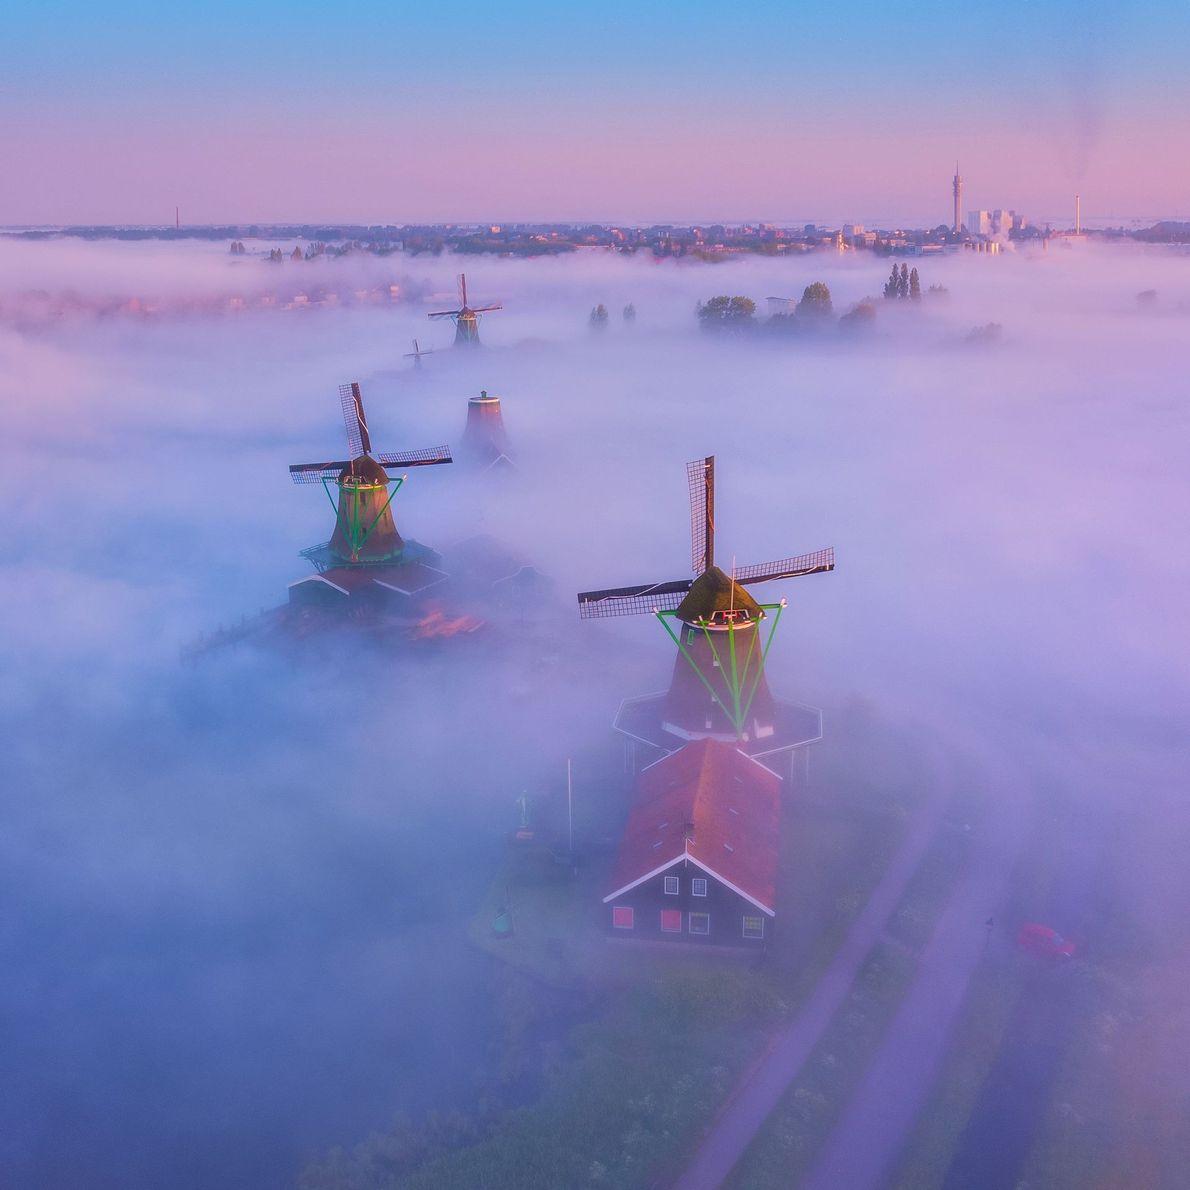 Molinos en la niebla